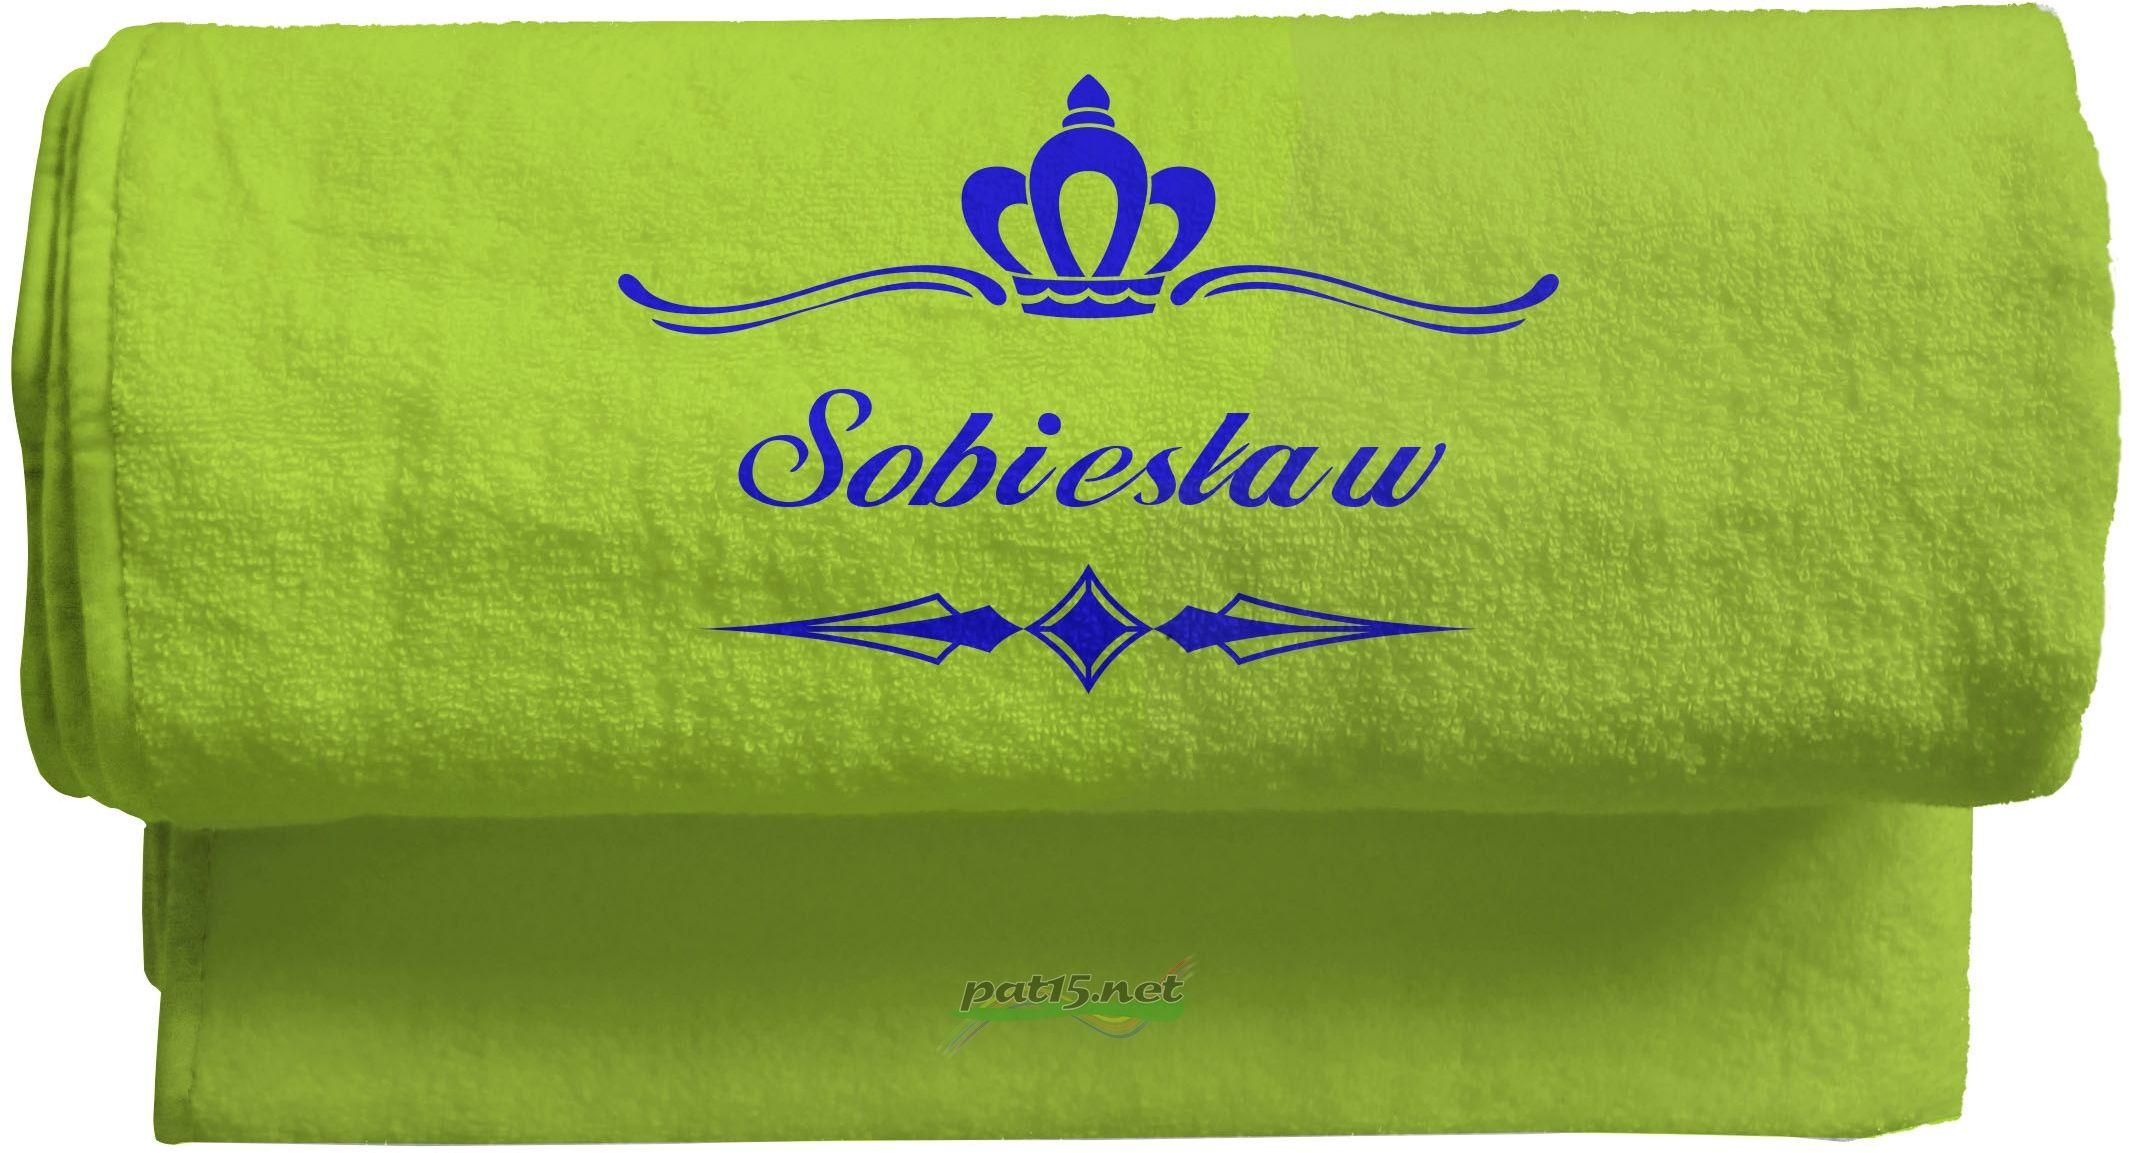 Duży Ręcznik 140x70 z haftem + tekst - Wzór 06